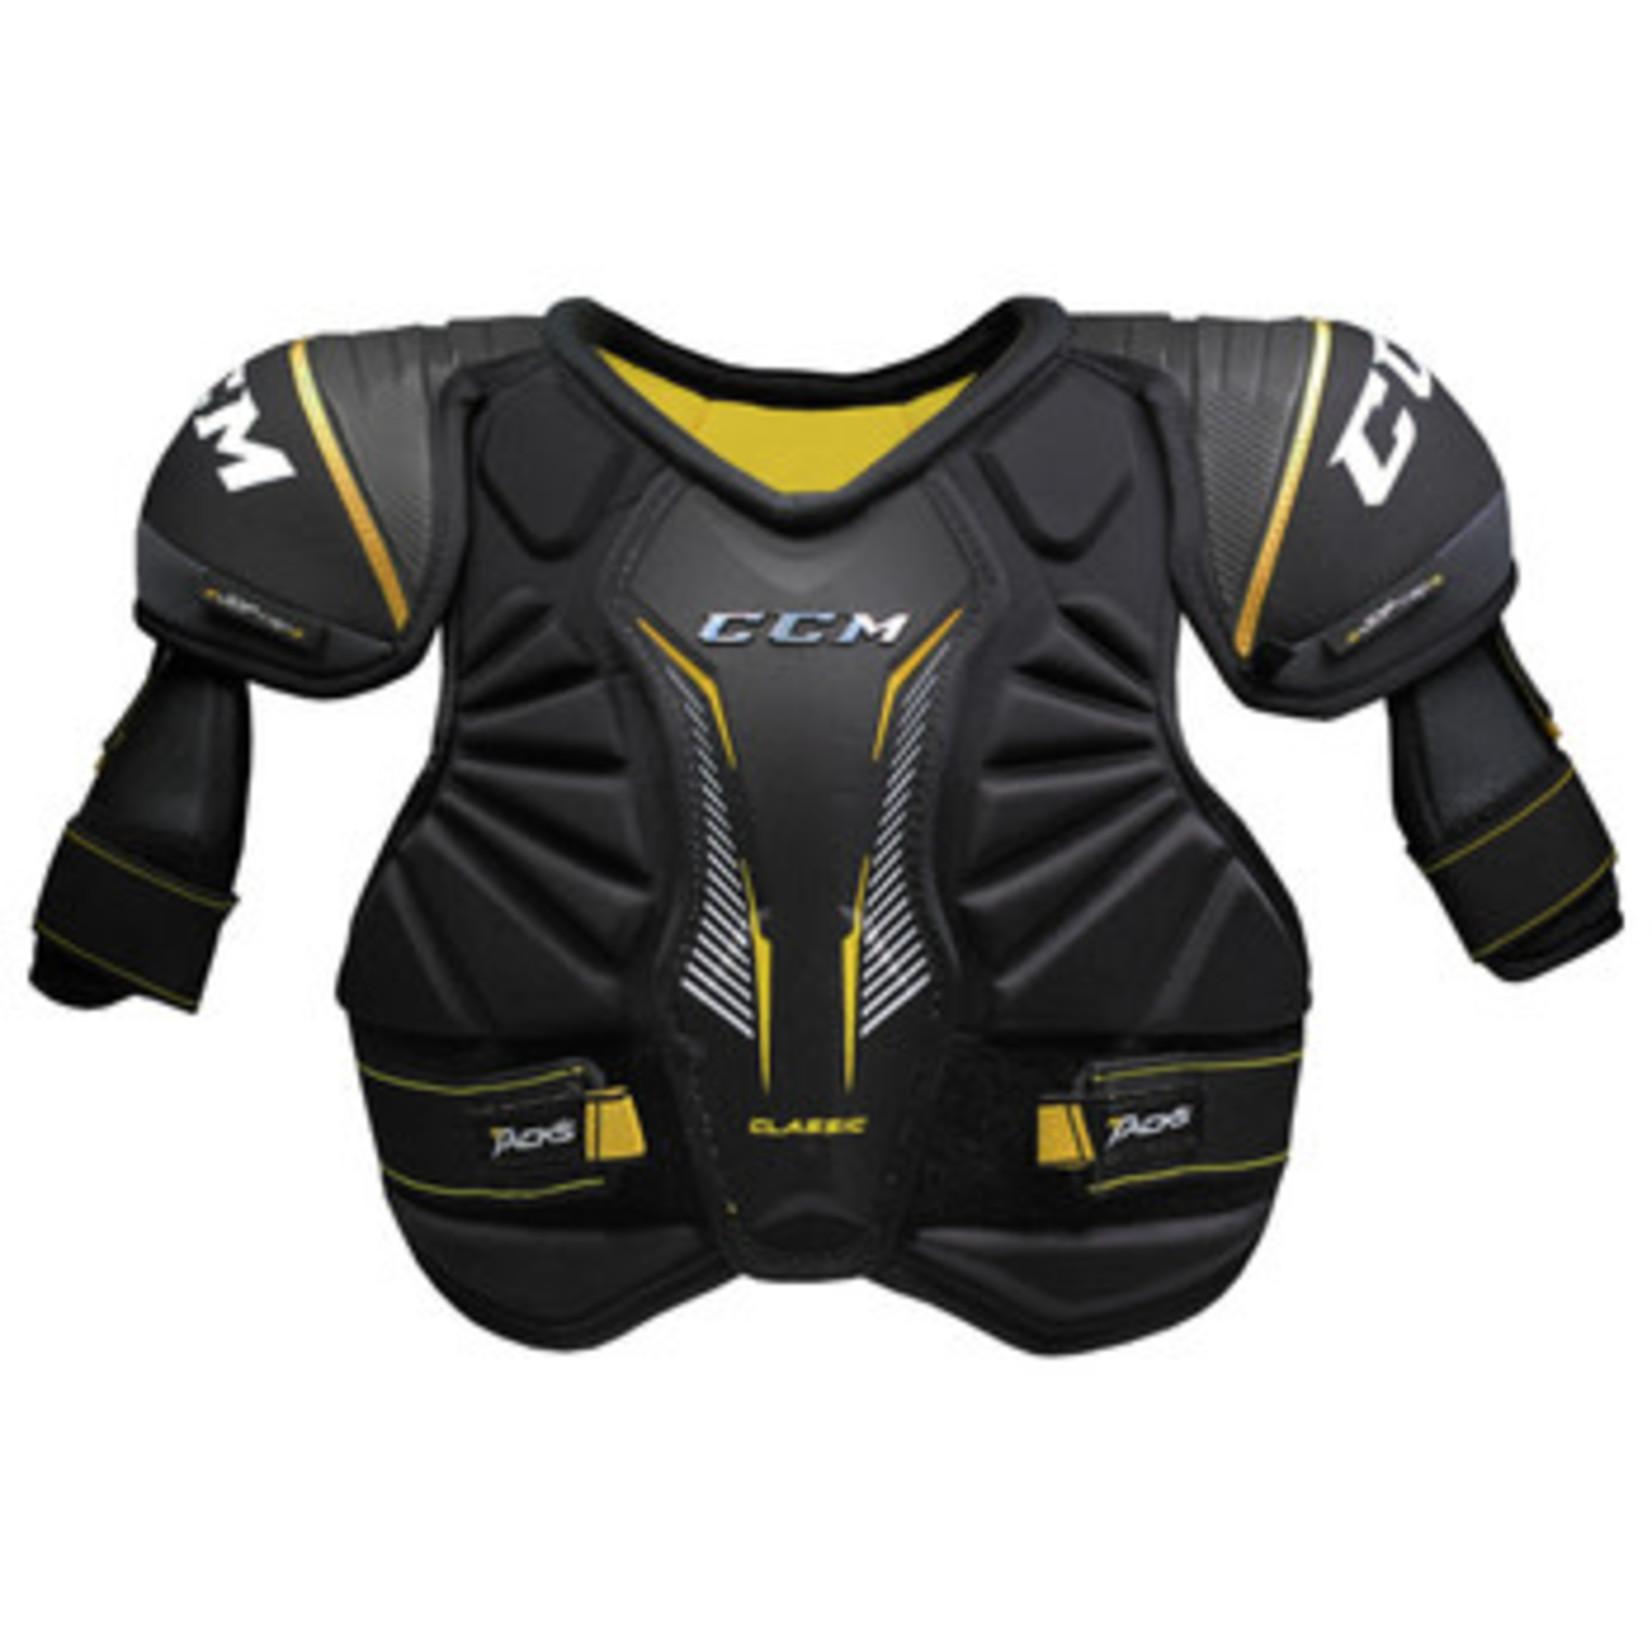 CCM CCM Hockey Shoulder Pads, Tacks Classic, Senior